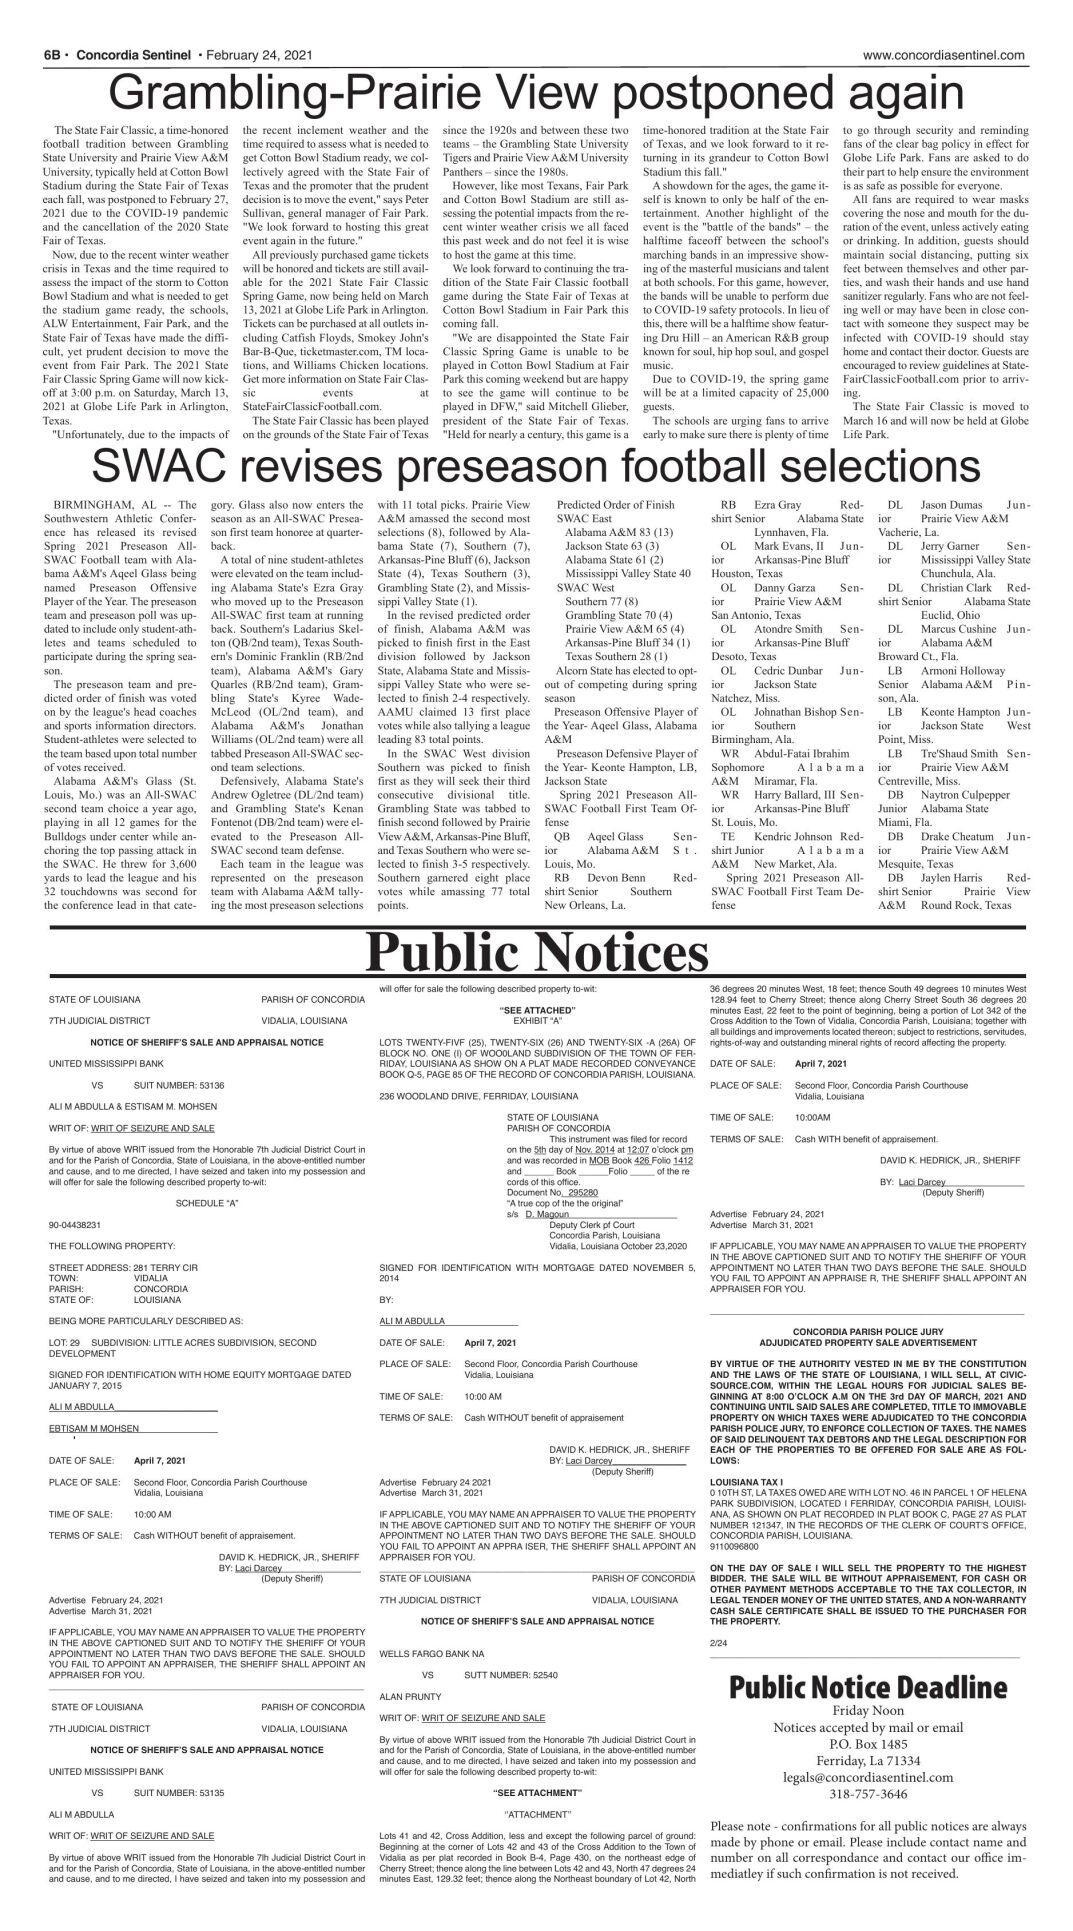 Public Notices - February 24, 2021